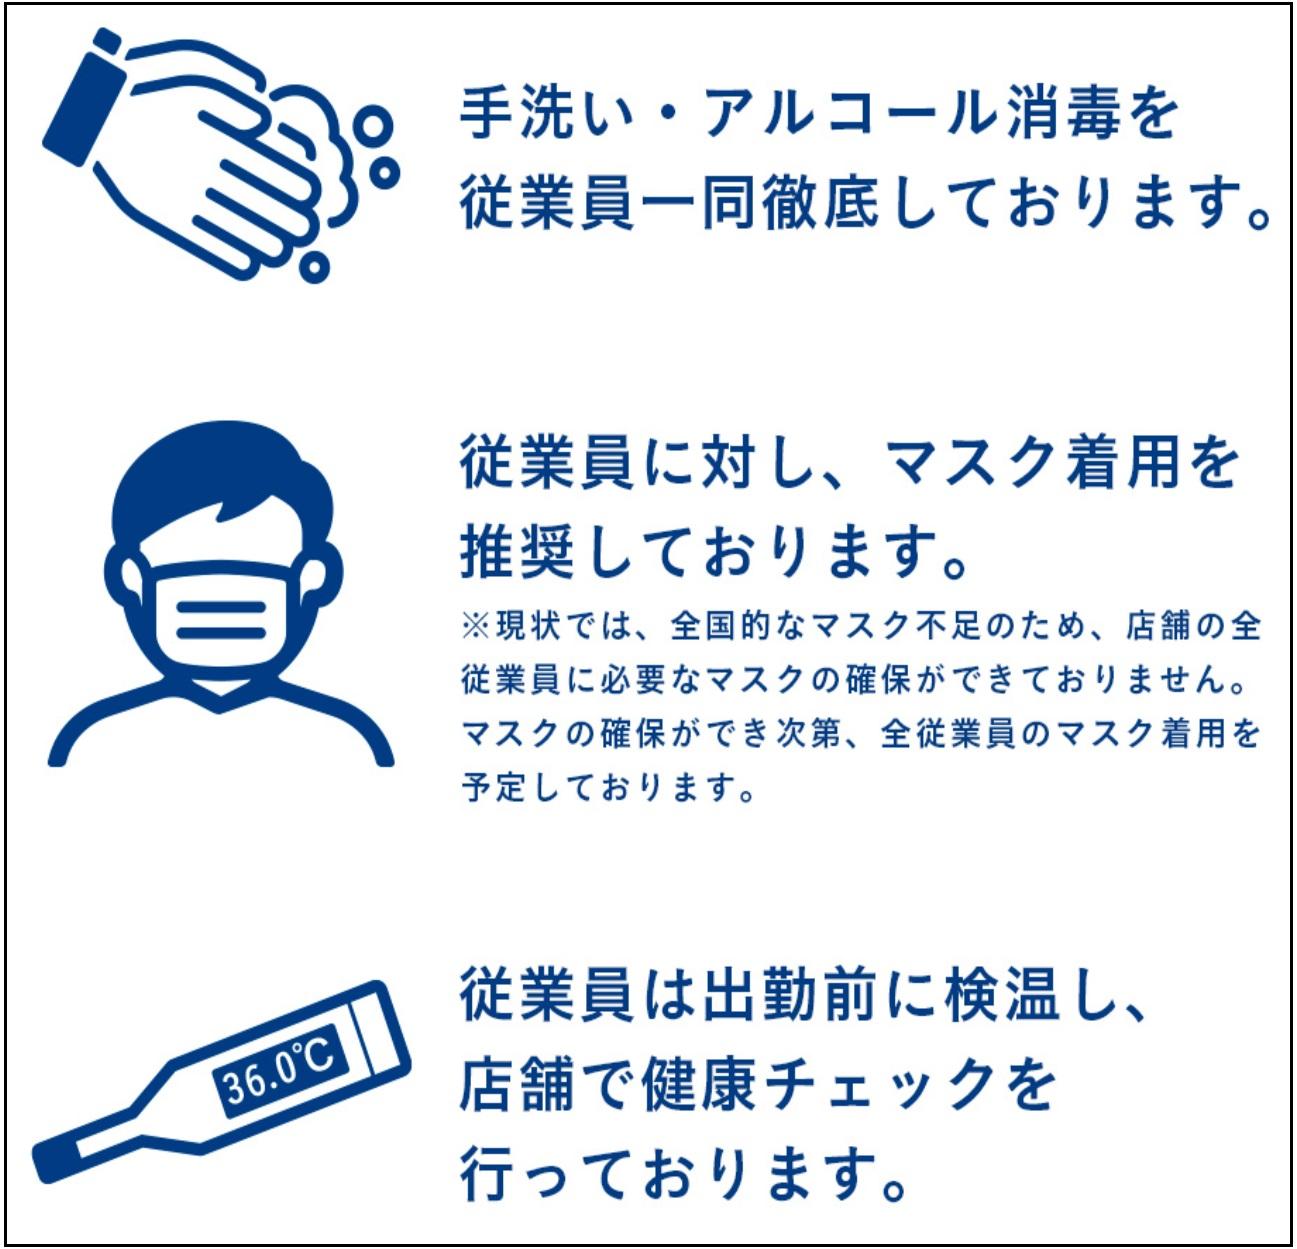 スタッフは手洗い、消毒、マスク着用